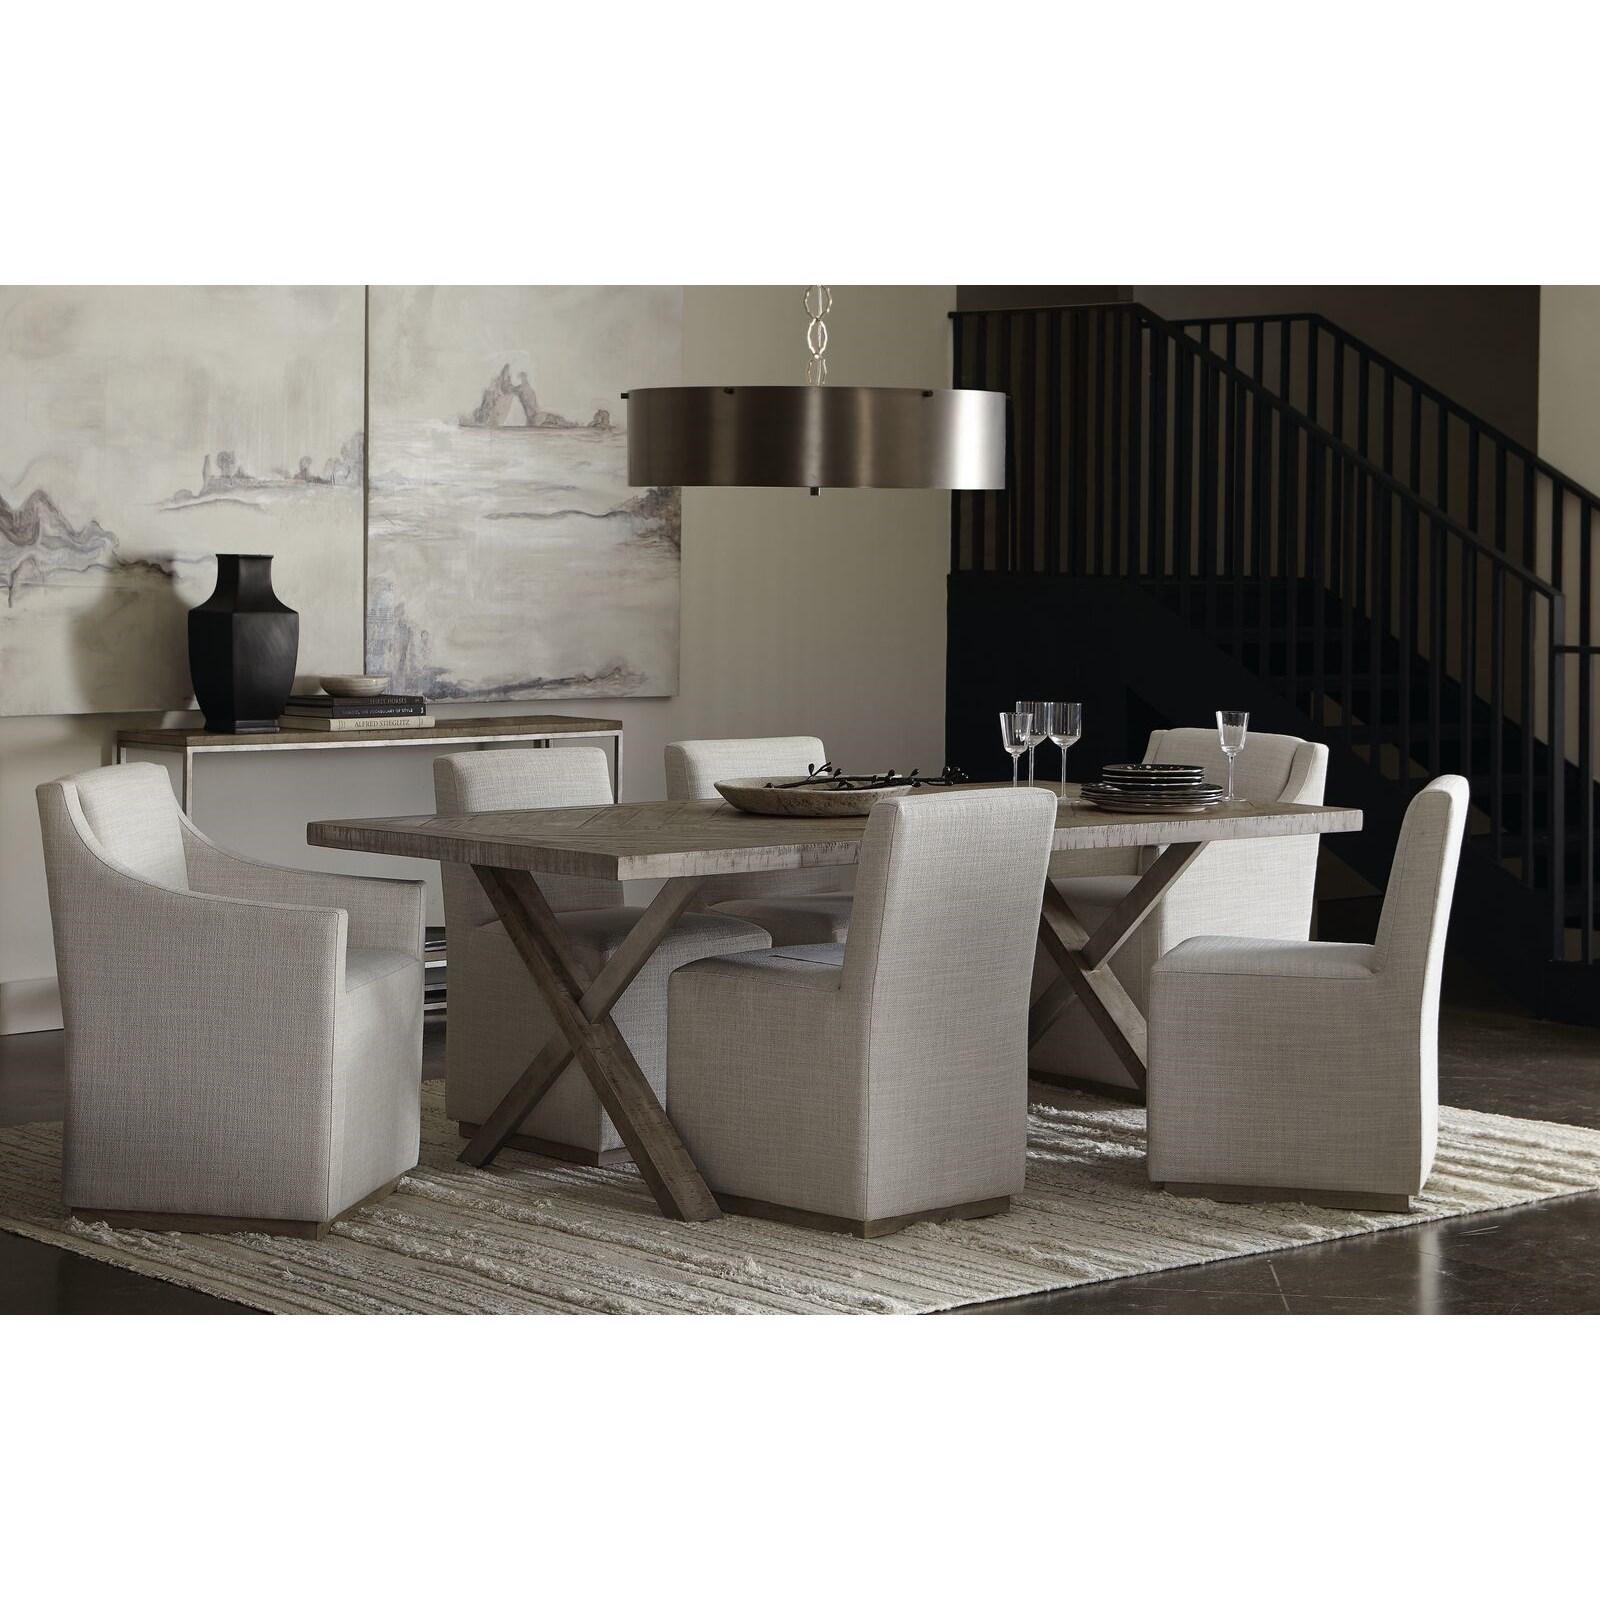 Loft - Highland Park Dining Room Group by Bernhardt at Baer's Furniture